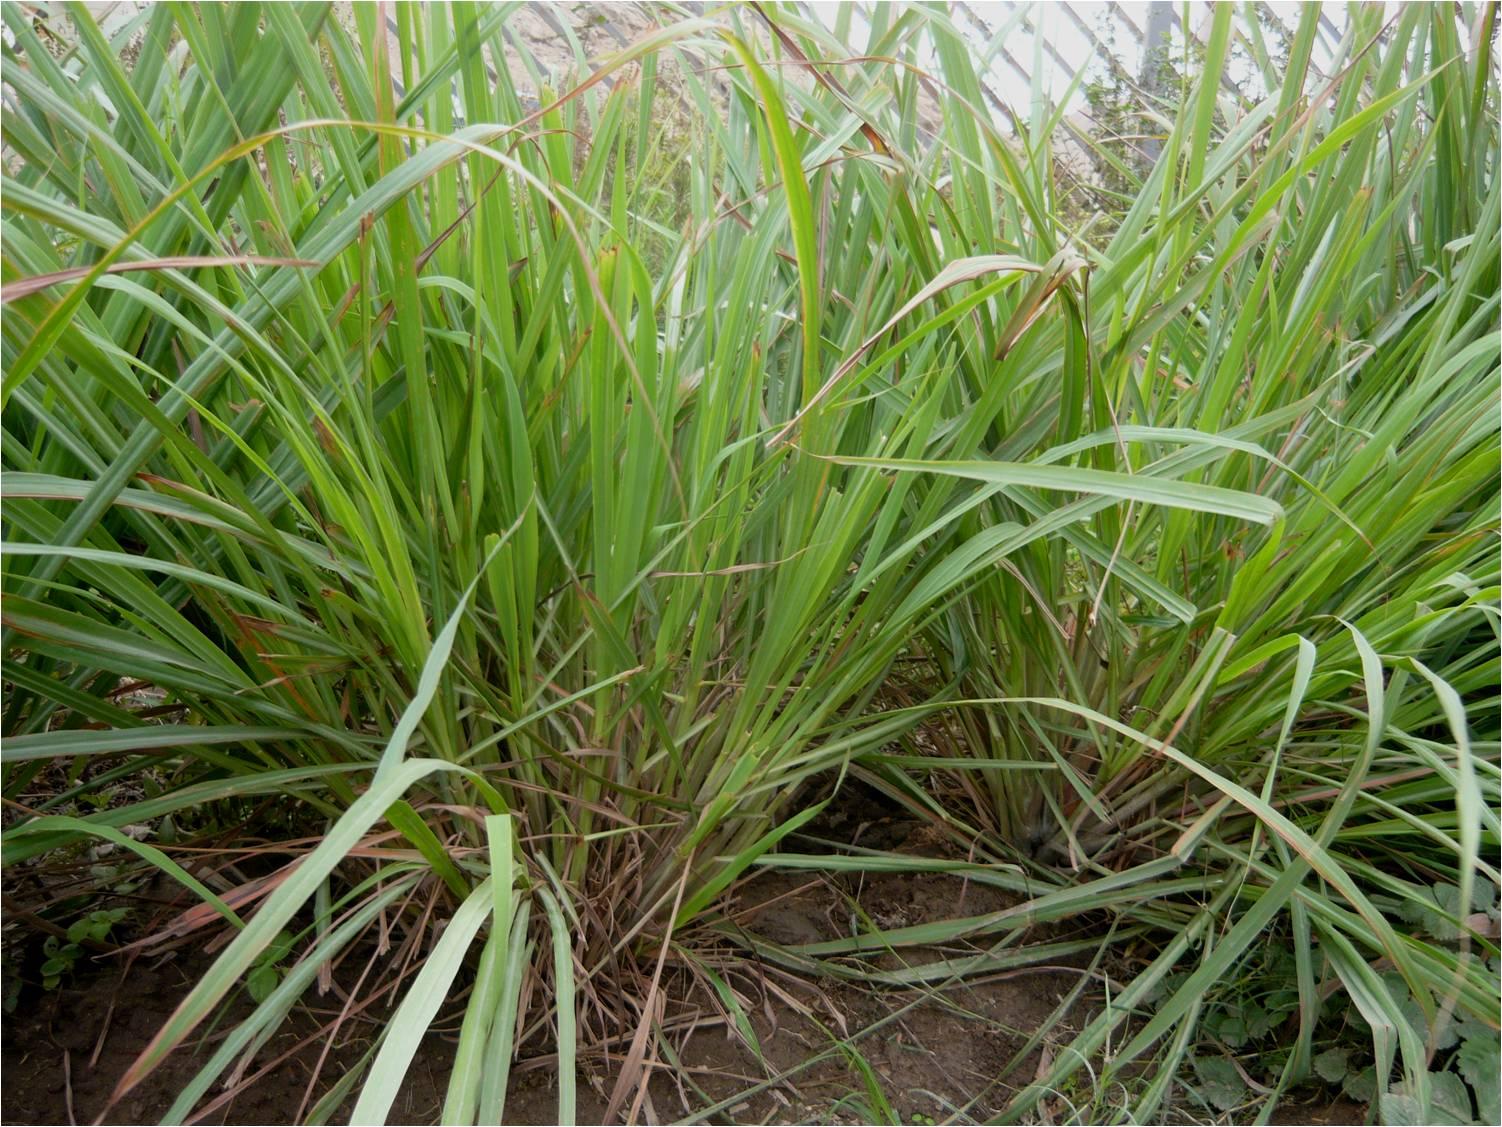 Alternativa ecol gica cultivo de hierbaluisa for Salsa de hierba luisa